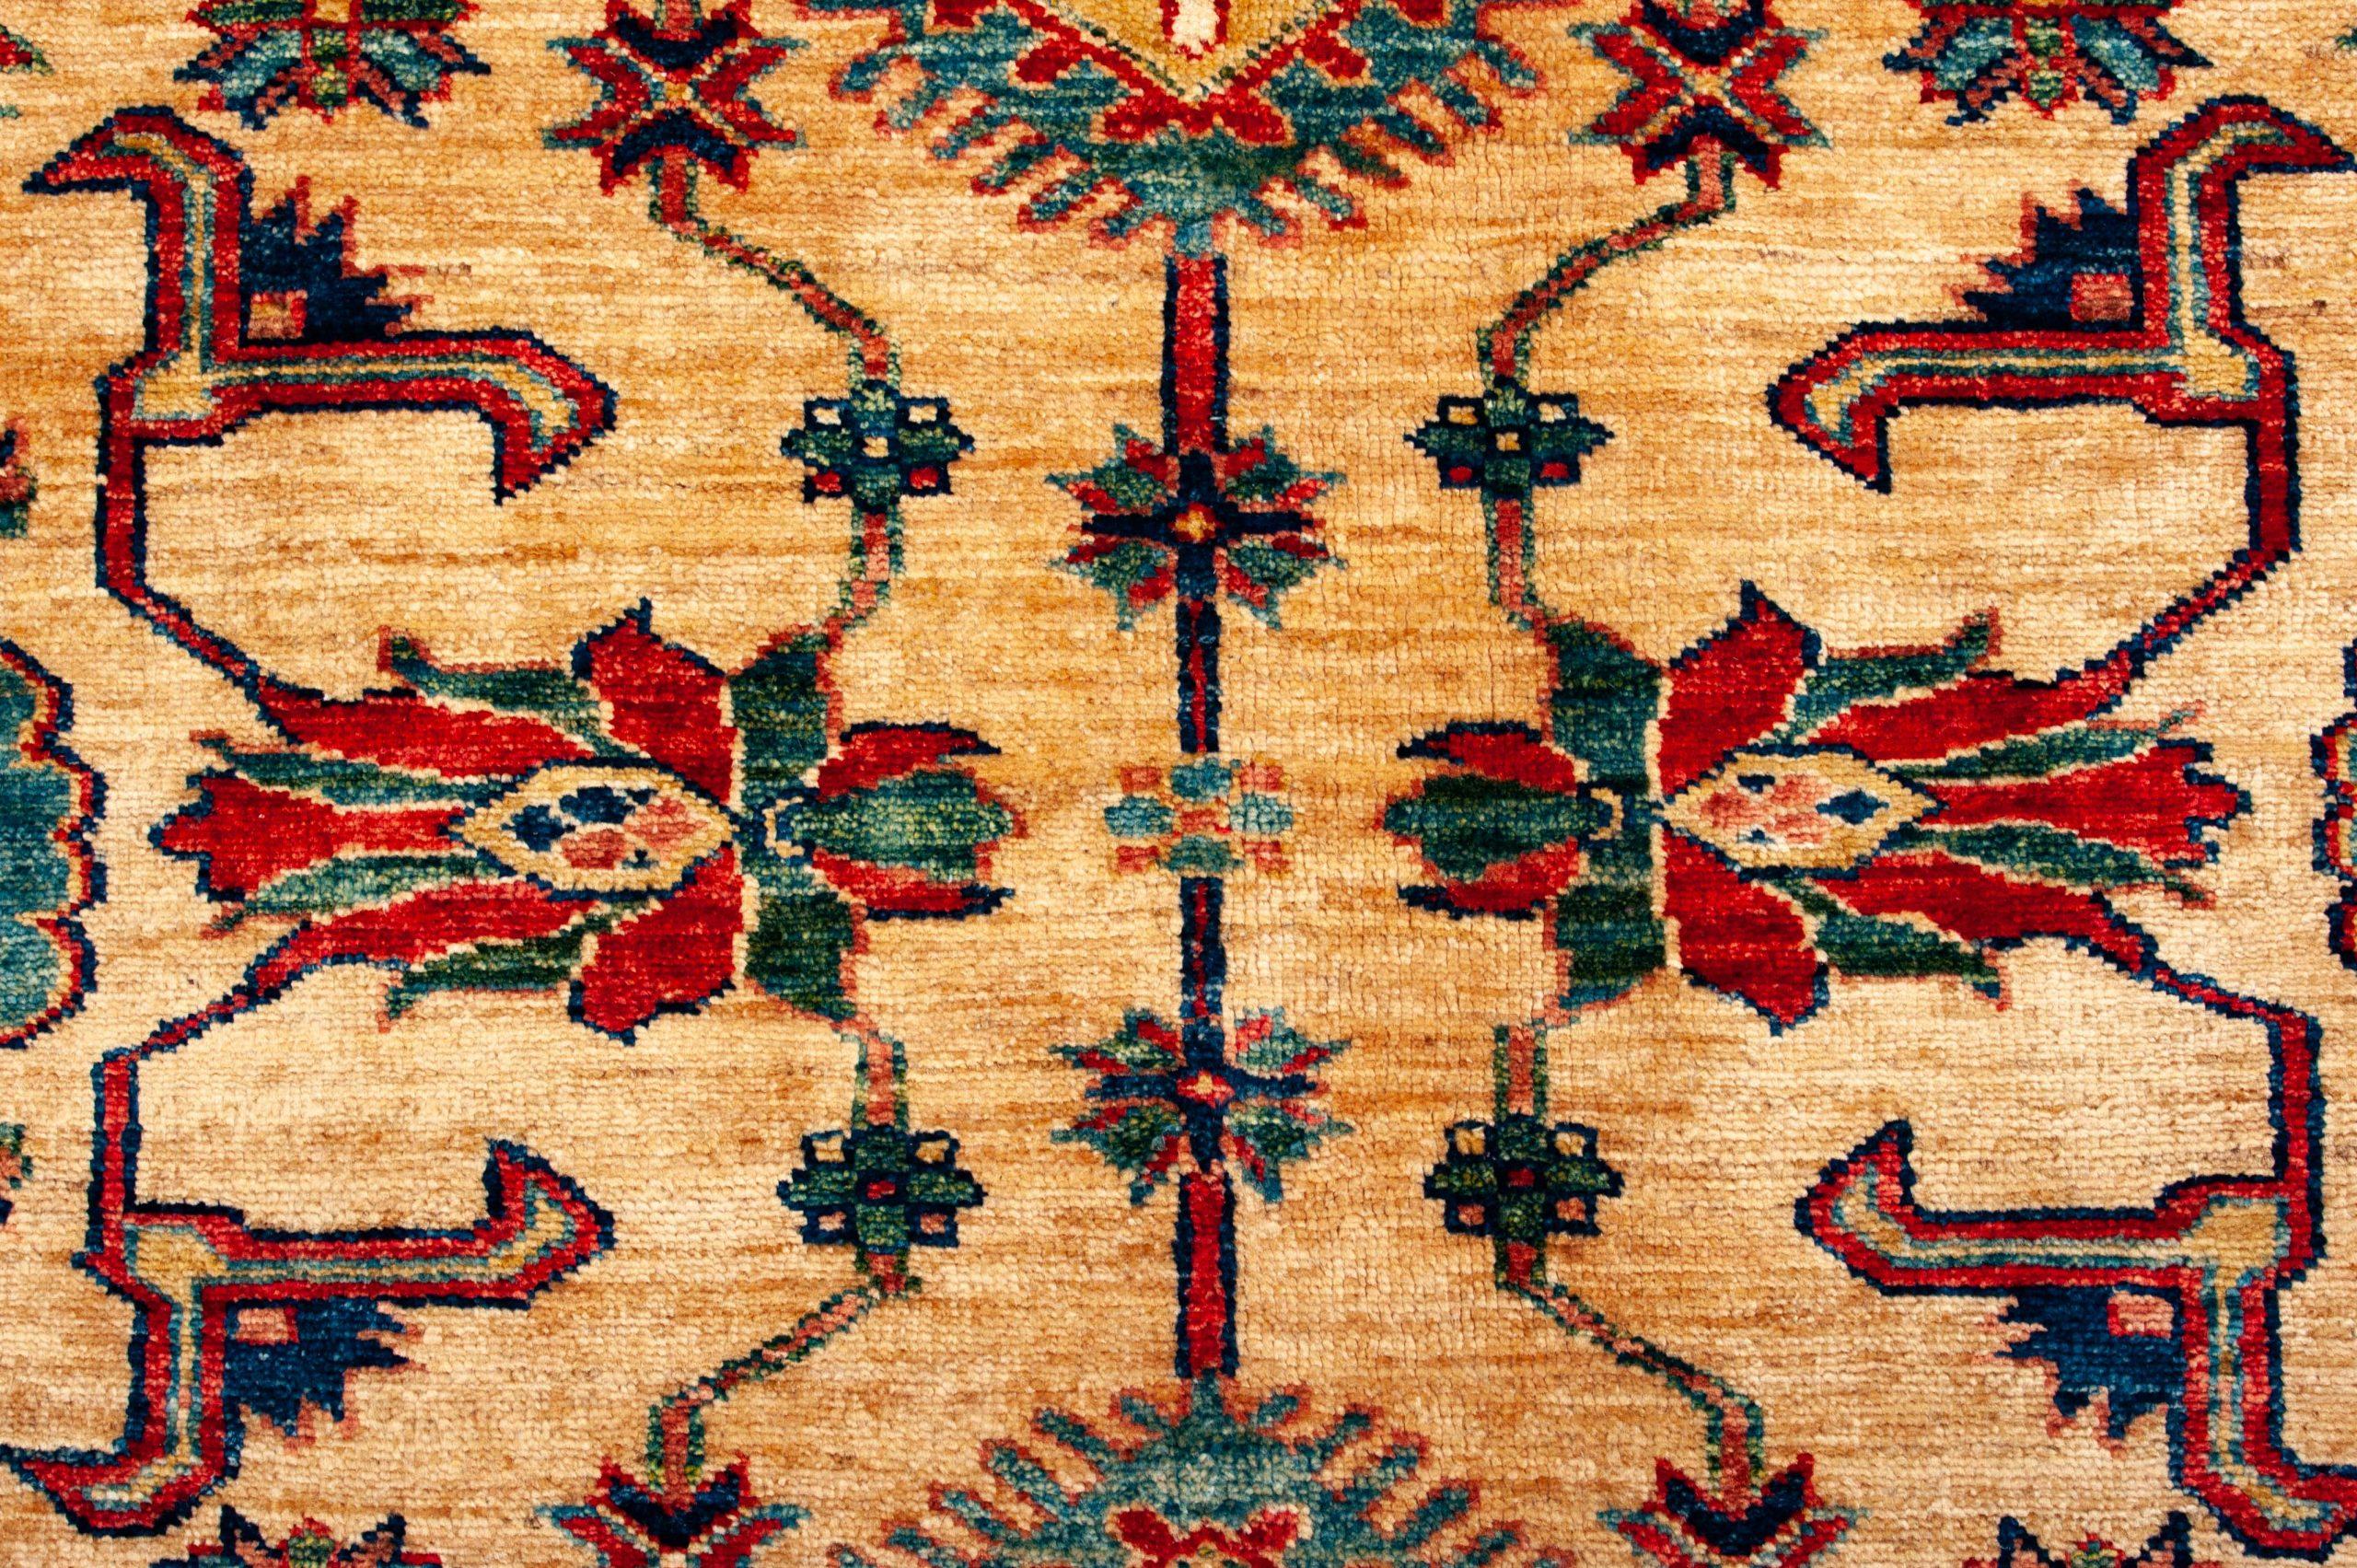 Tappeto-Afgano-Kazak-Gold-366x263cm-dettaglio